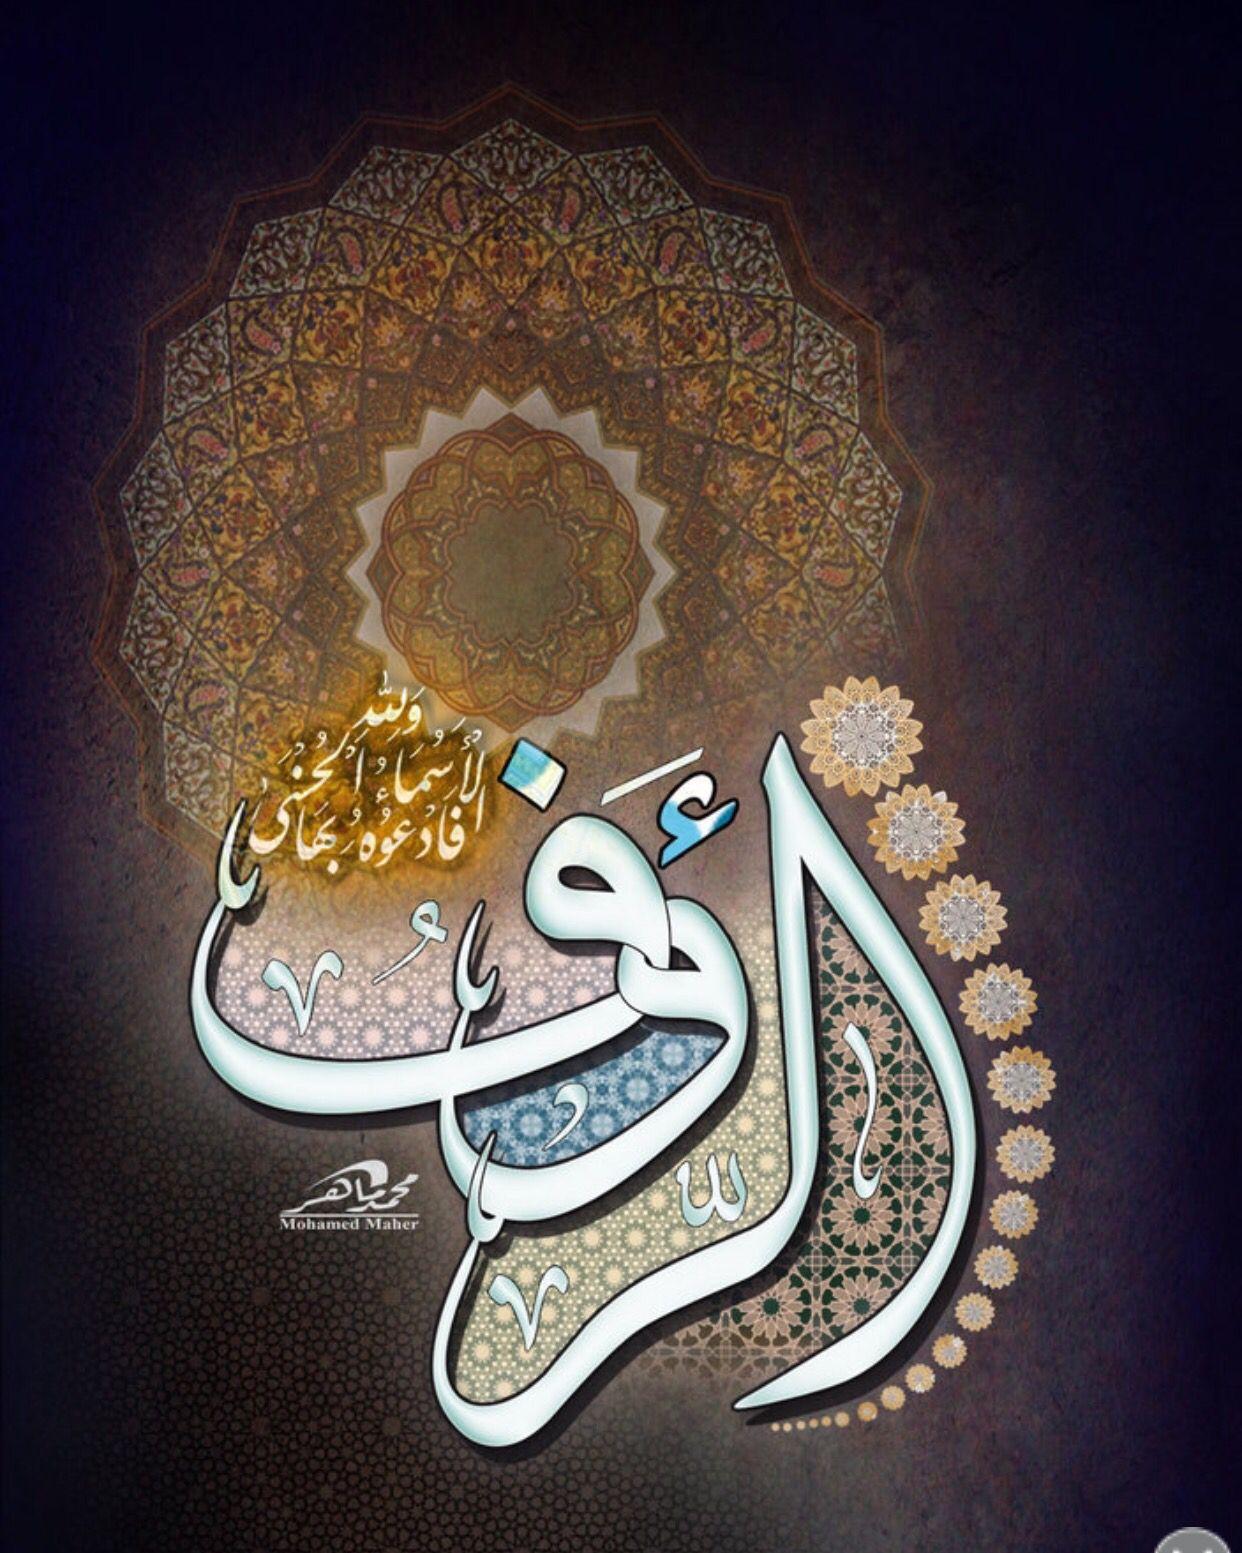 اسماء الله الحسنى Islamic Art Art Islam